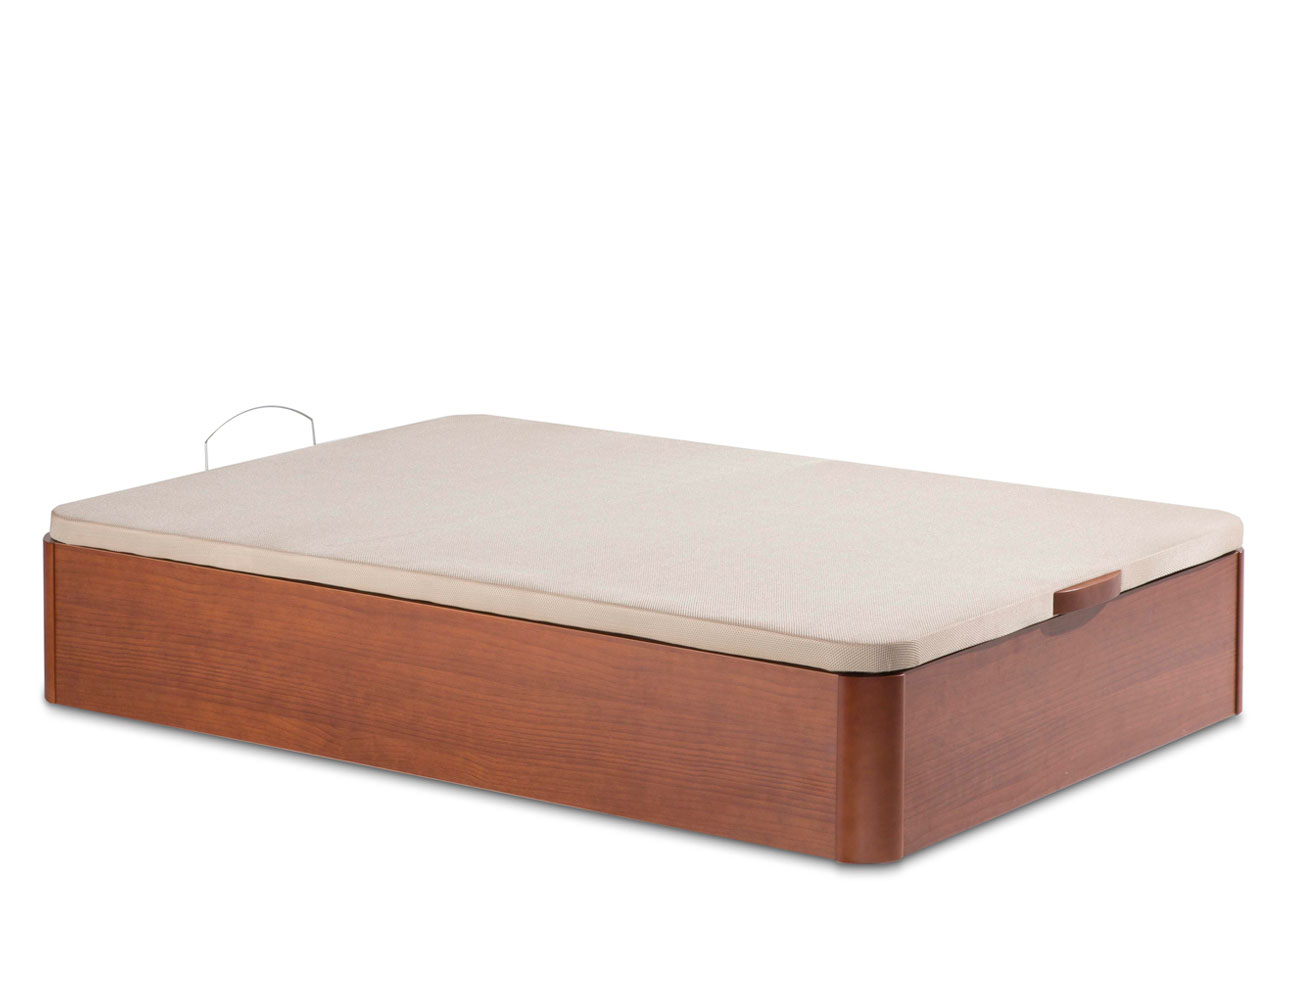 Canape madera base 3d 736